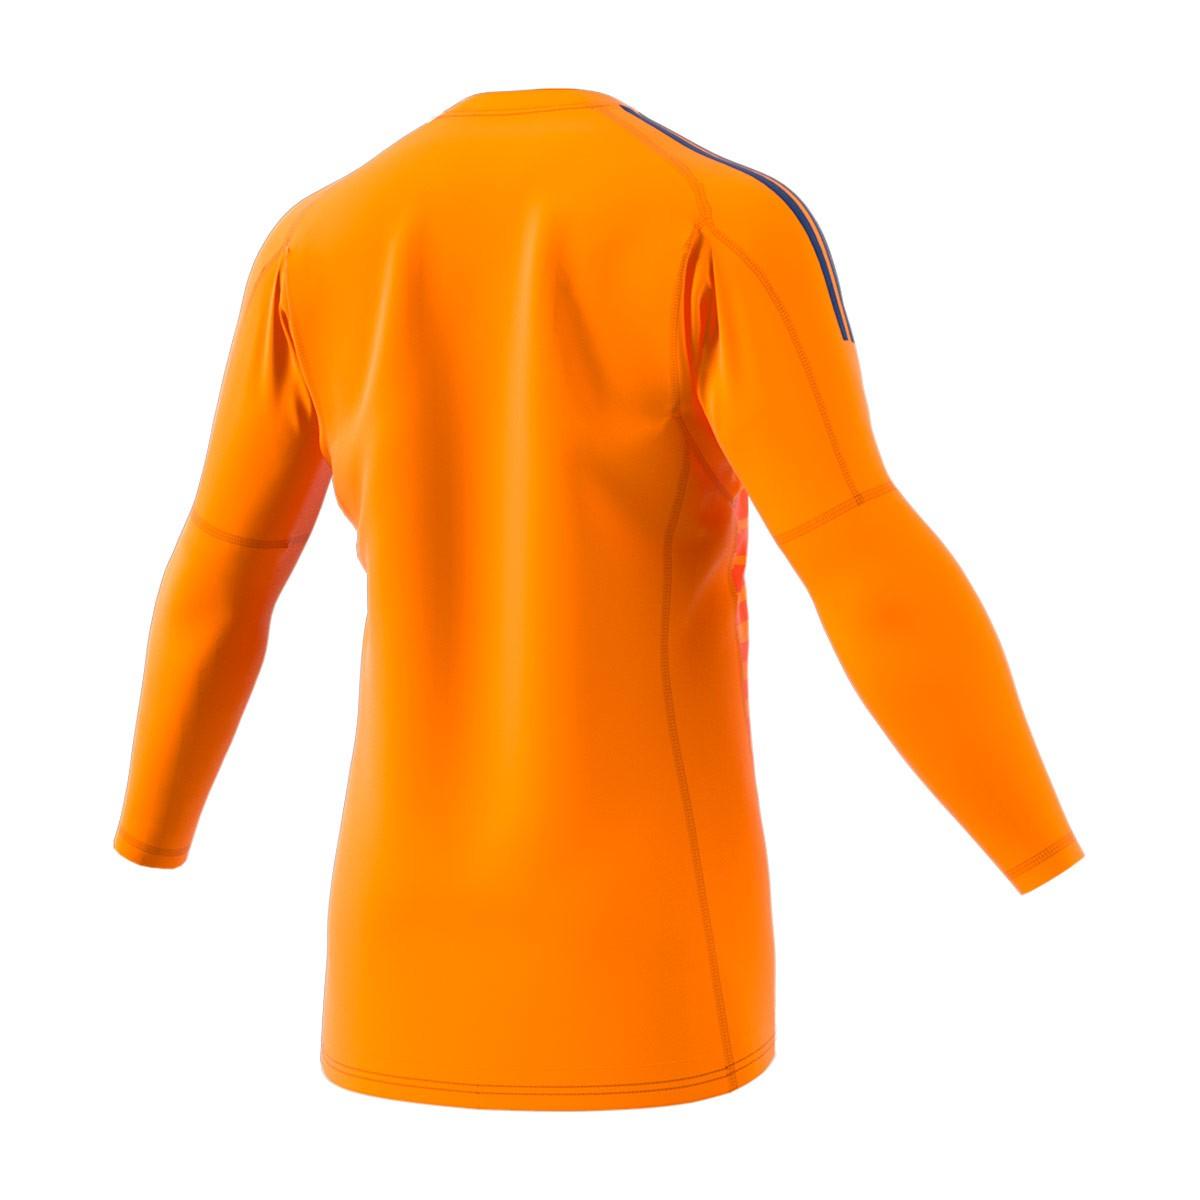 Jersey adidas AdiPro 18 Goalkeeper Longsleeve Orange-Unity ink ... c08f89887